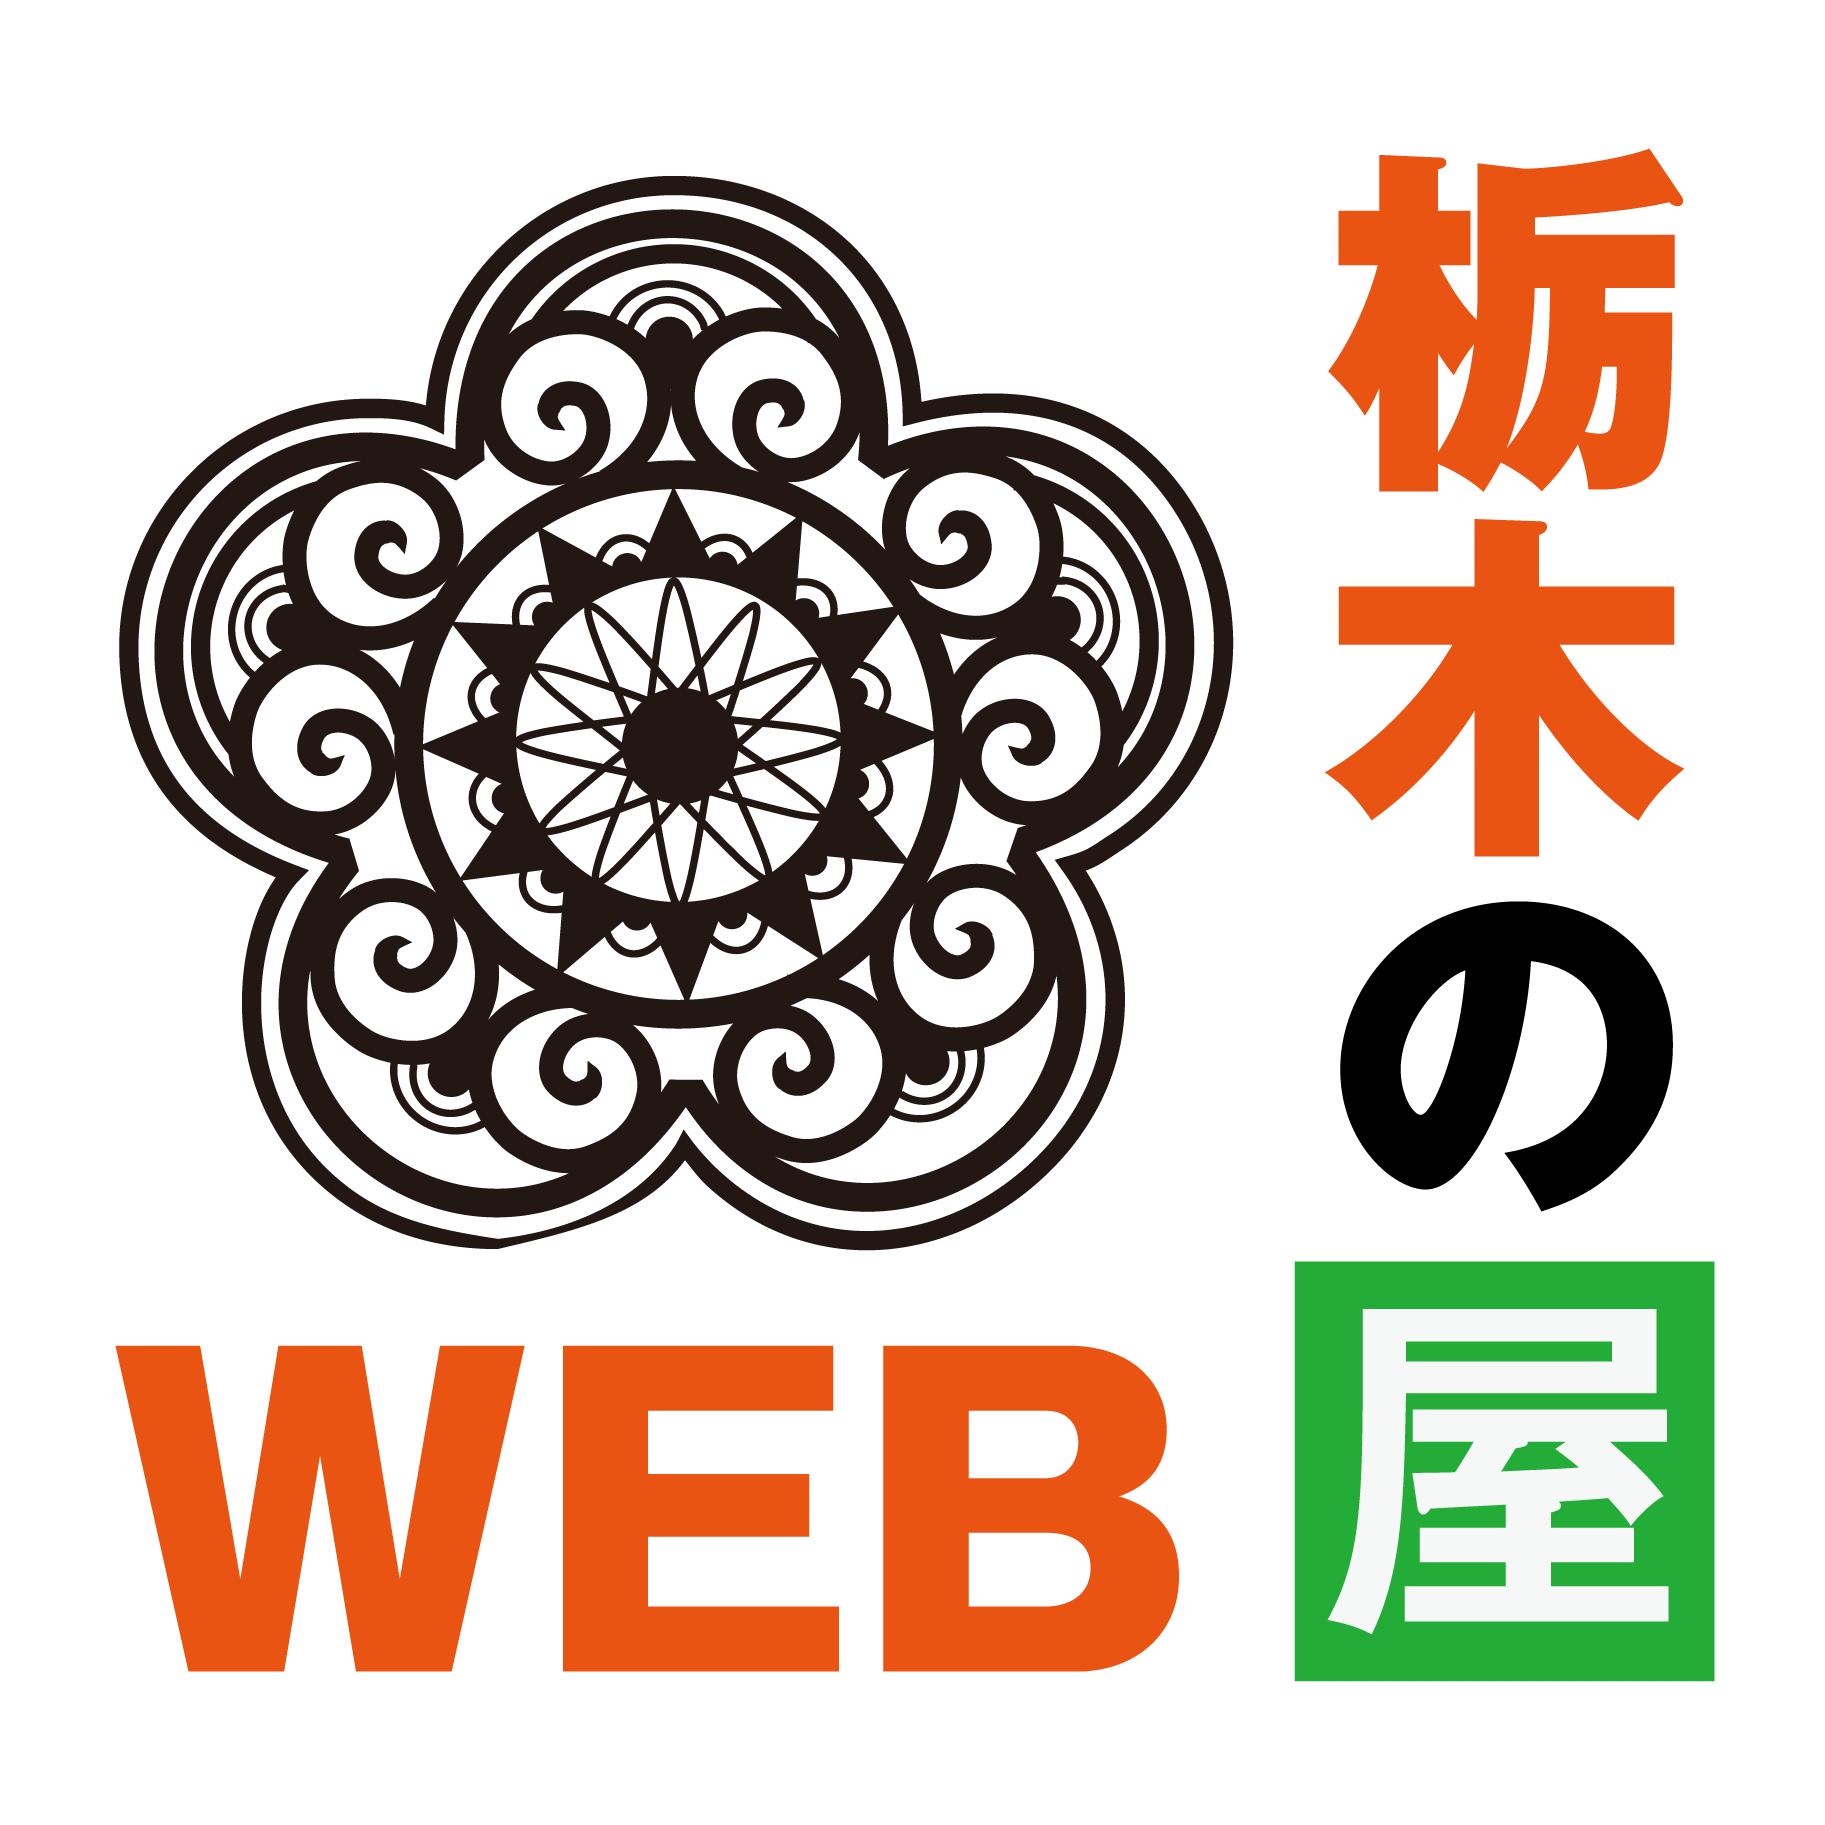 栃木のWEB屋|栃木のweb、ホームページ作成・翻訳、インバウンド事業・各種販促物デザイン、集客、越境EC、ワードプレス構築は、栃木を見続ける宇都宮の地域密着型制作会社の栃木のWEB屋へ